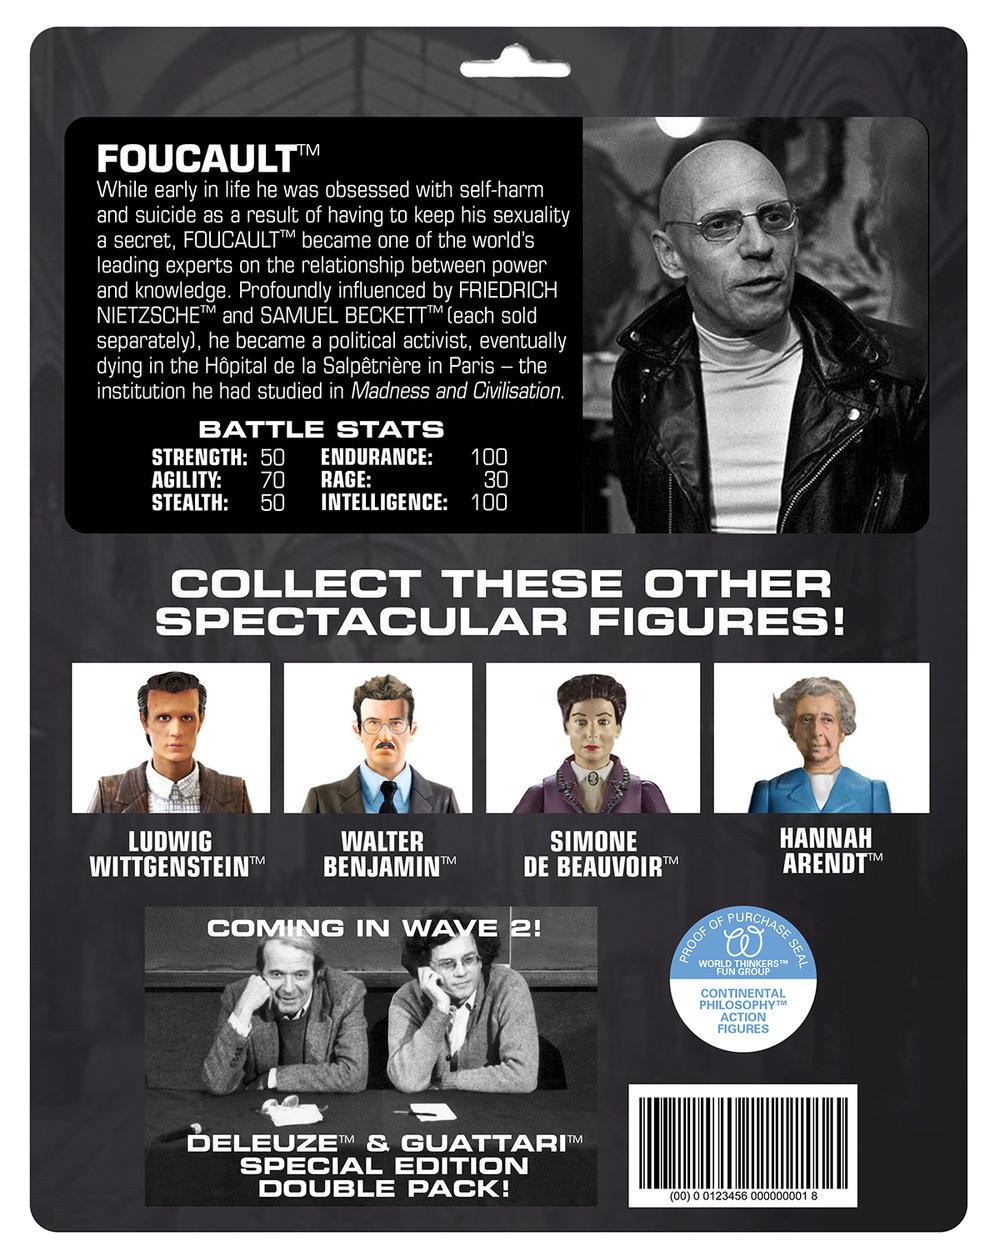 Foucault-2.jpg